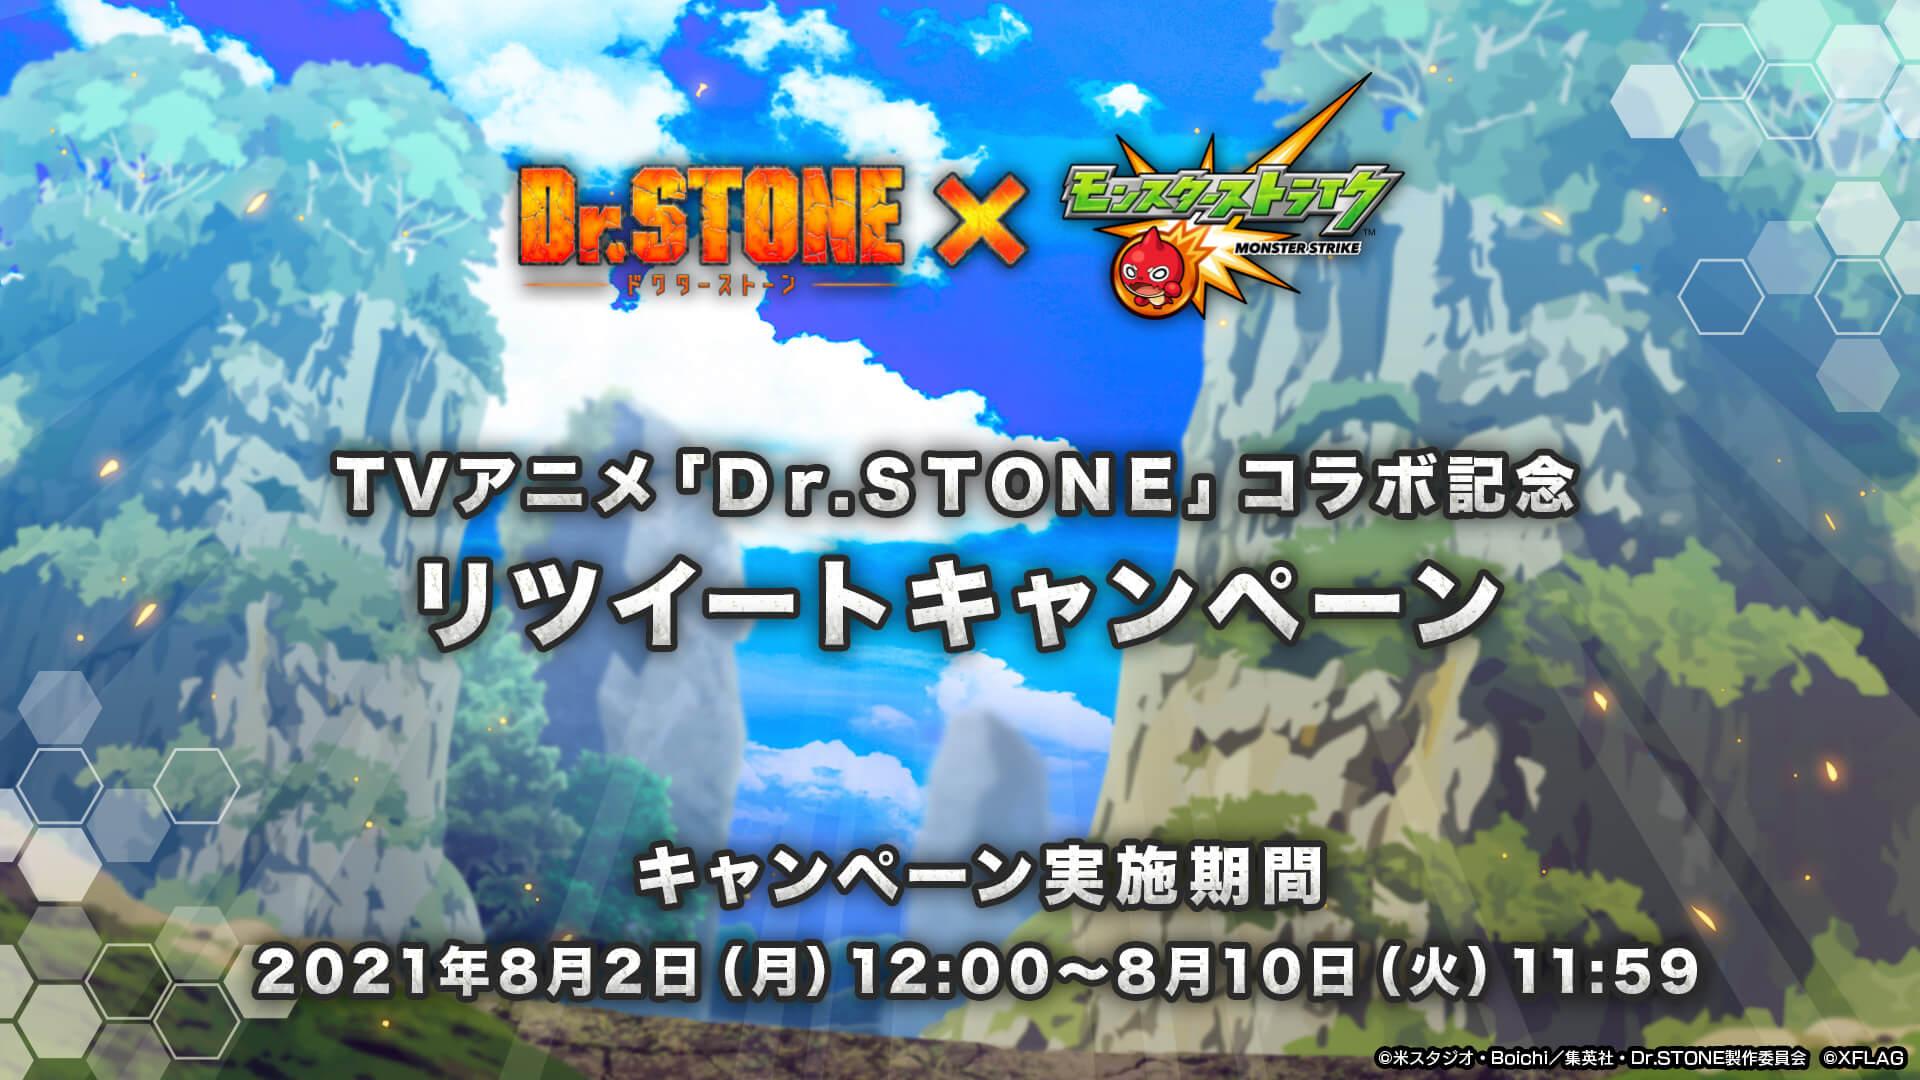 モンストがアニメ『Dr.STONE』とコラボ!出演声優のサイン色紙&10,000円分のえらべるギフトコードをもらえるキャンペーンも実施 tech210728_monst_drstone_3